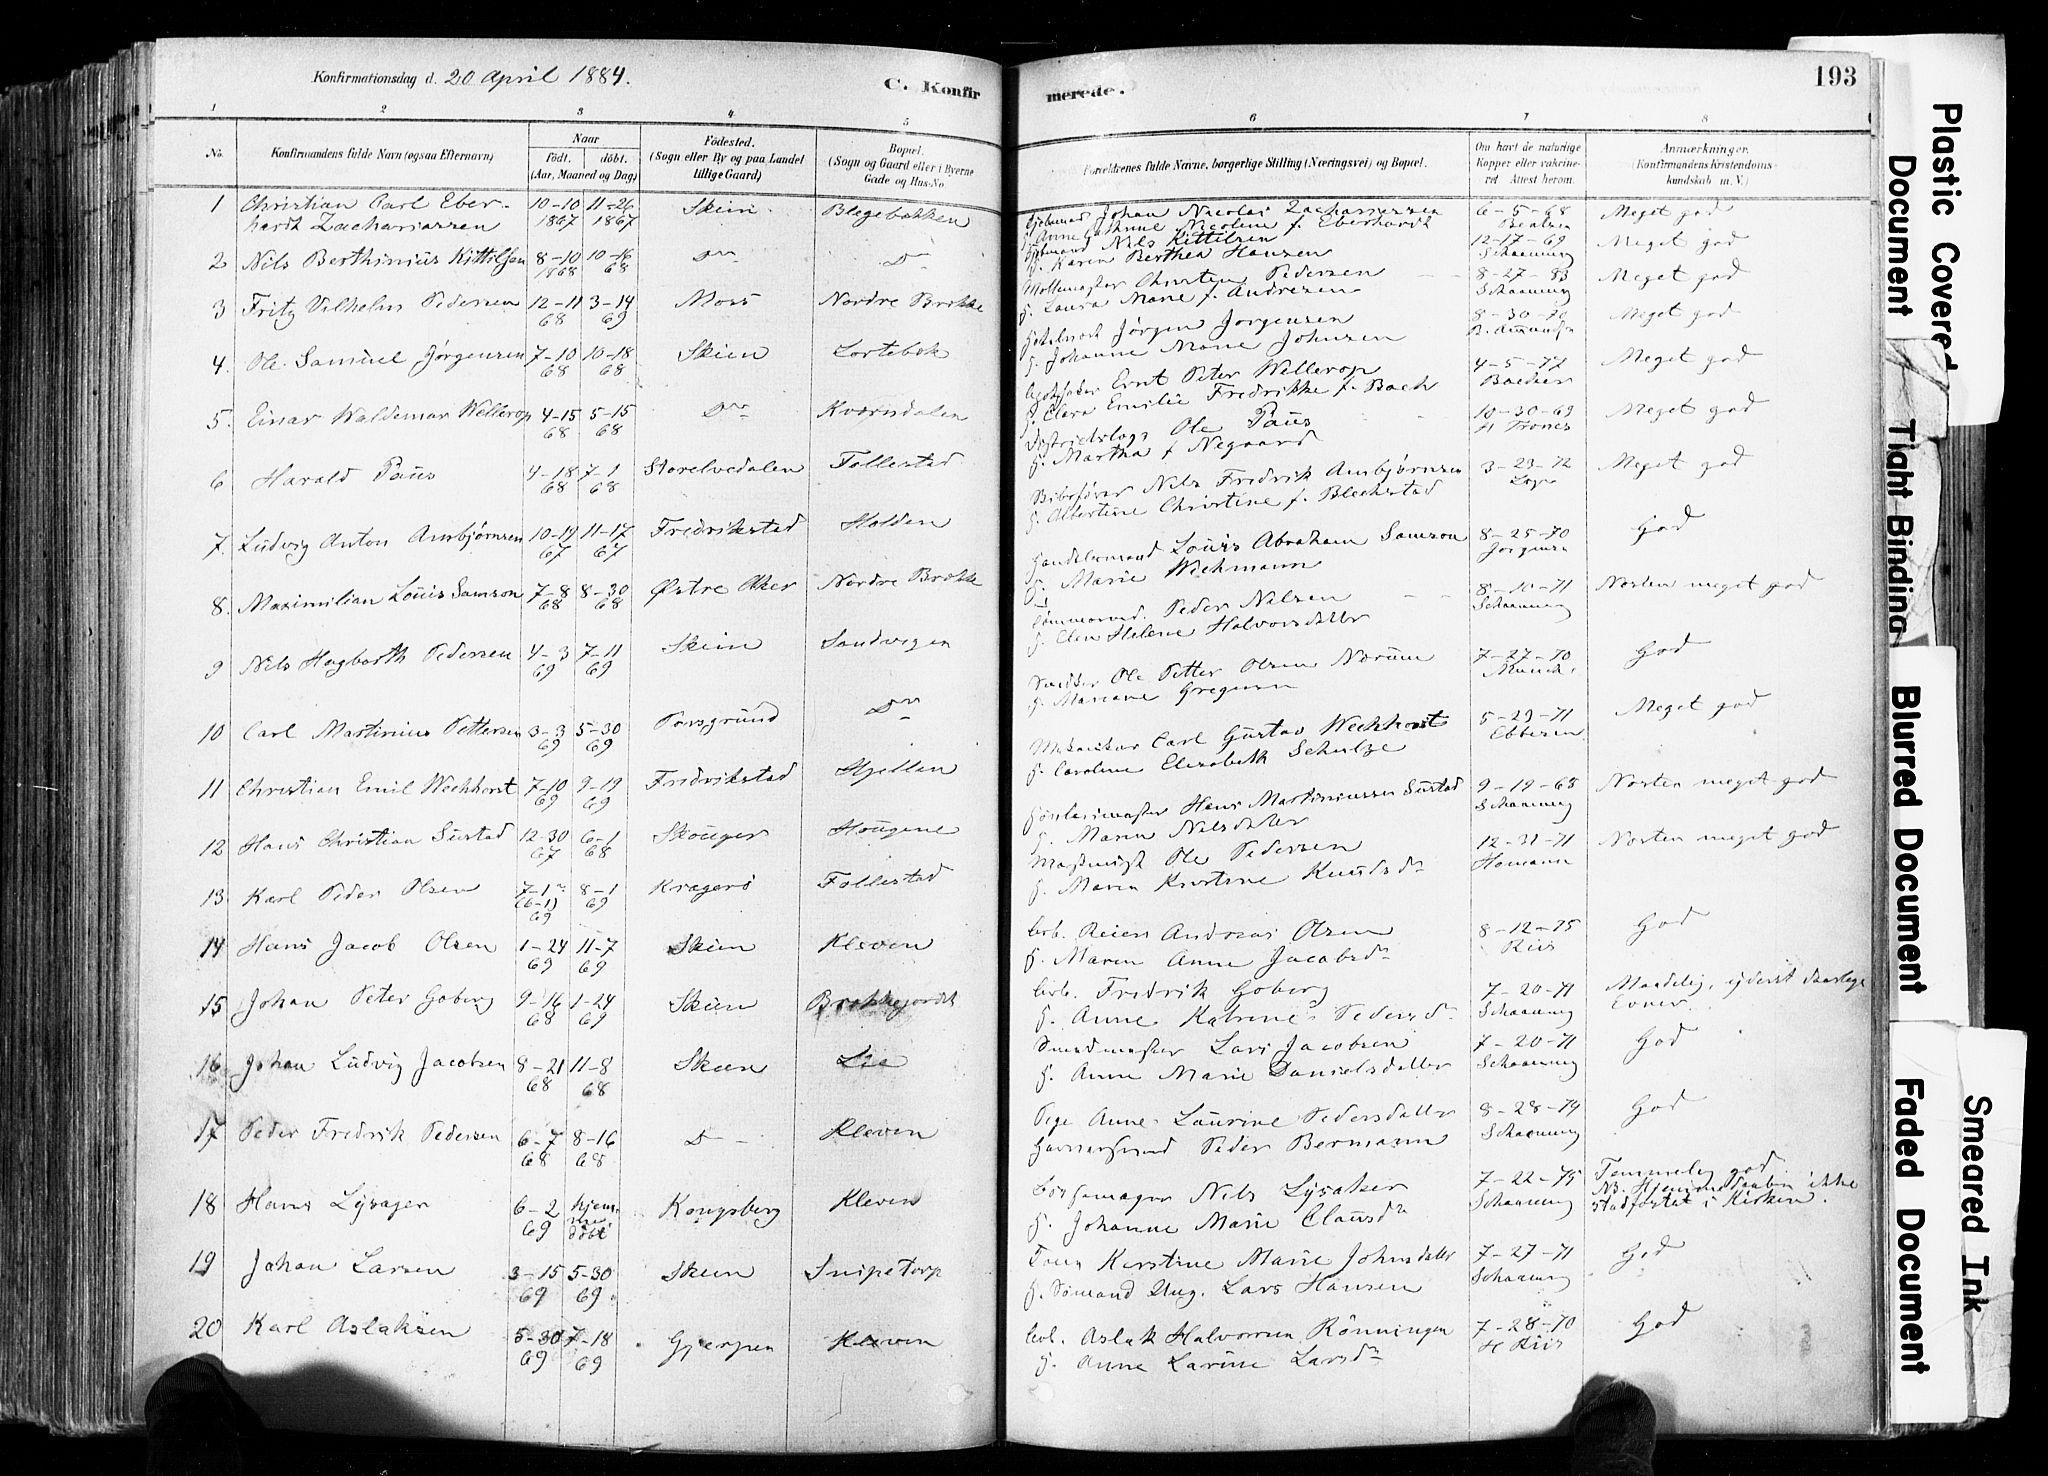 SAKO, Skien kirkebøker, F/Fa/L0009: Ministerialbok nr. 9, 1878-1890, s. 193